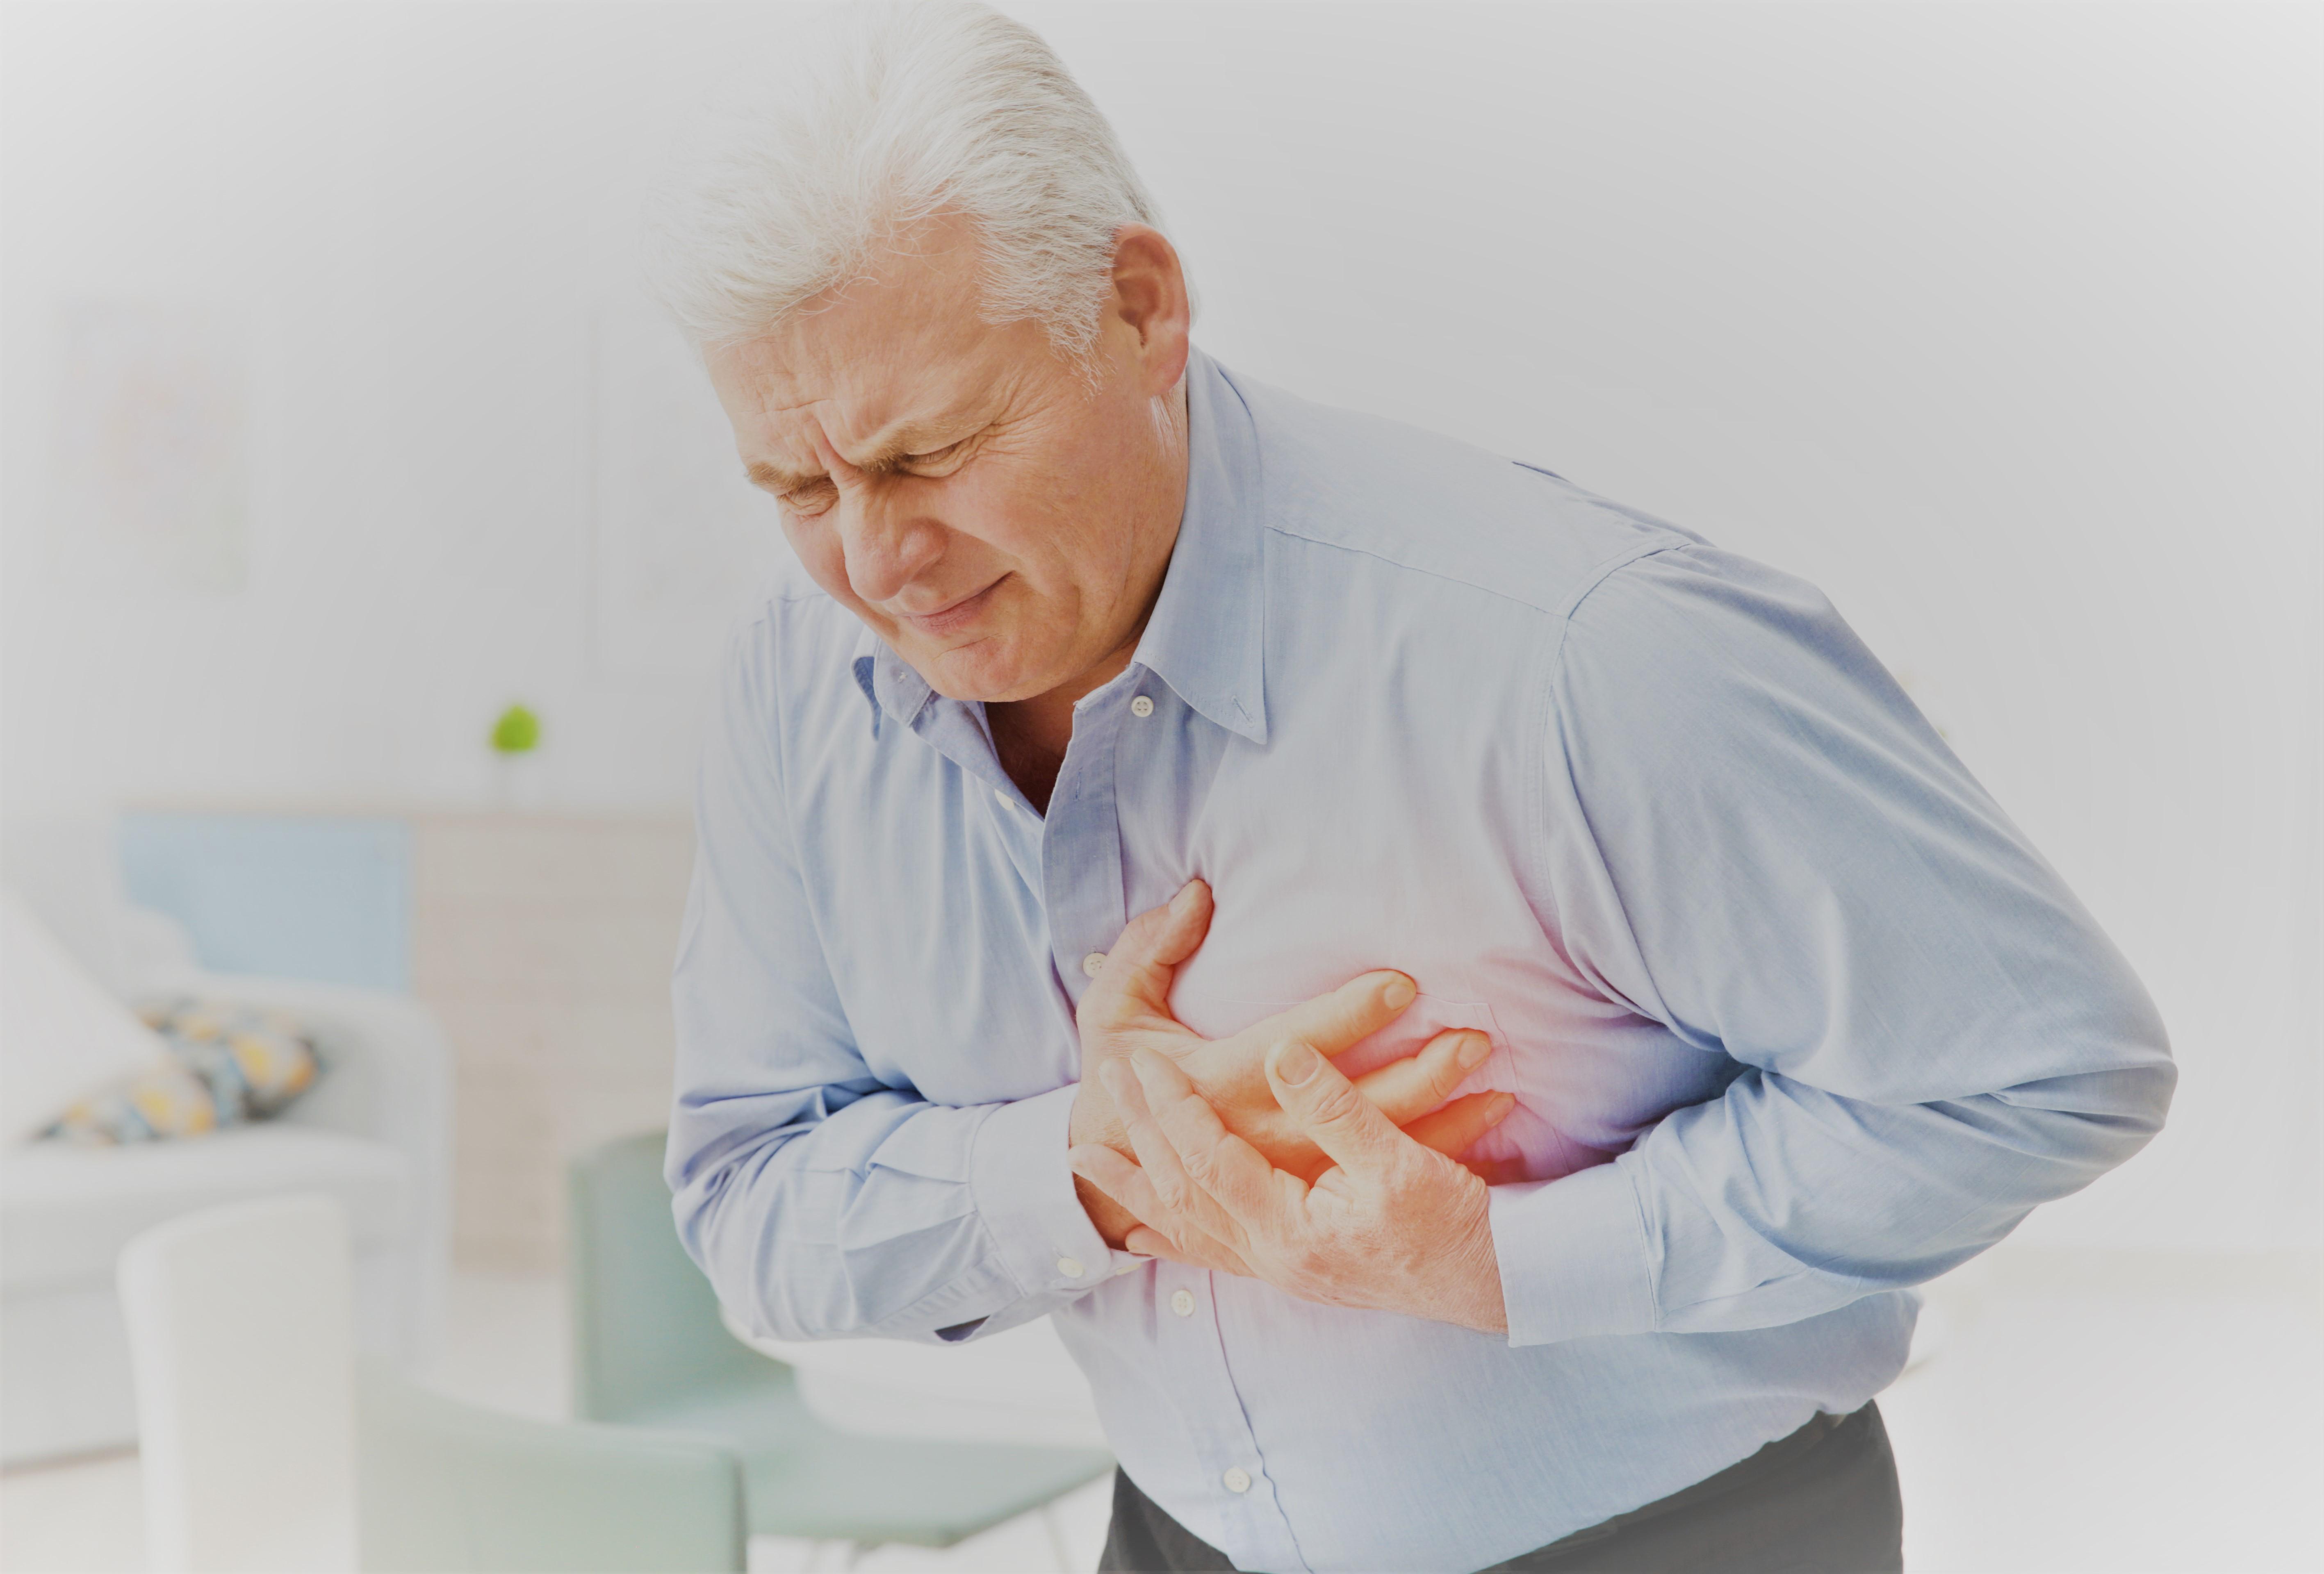 hogyan lehet eltávolítani a fájdalmat a térdről